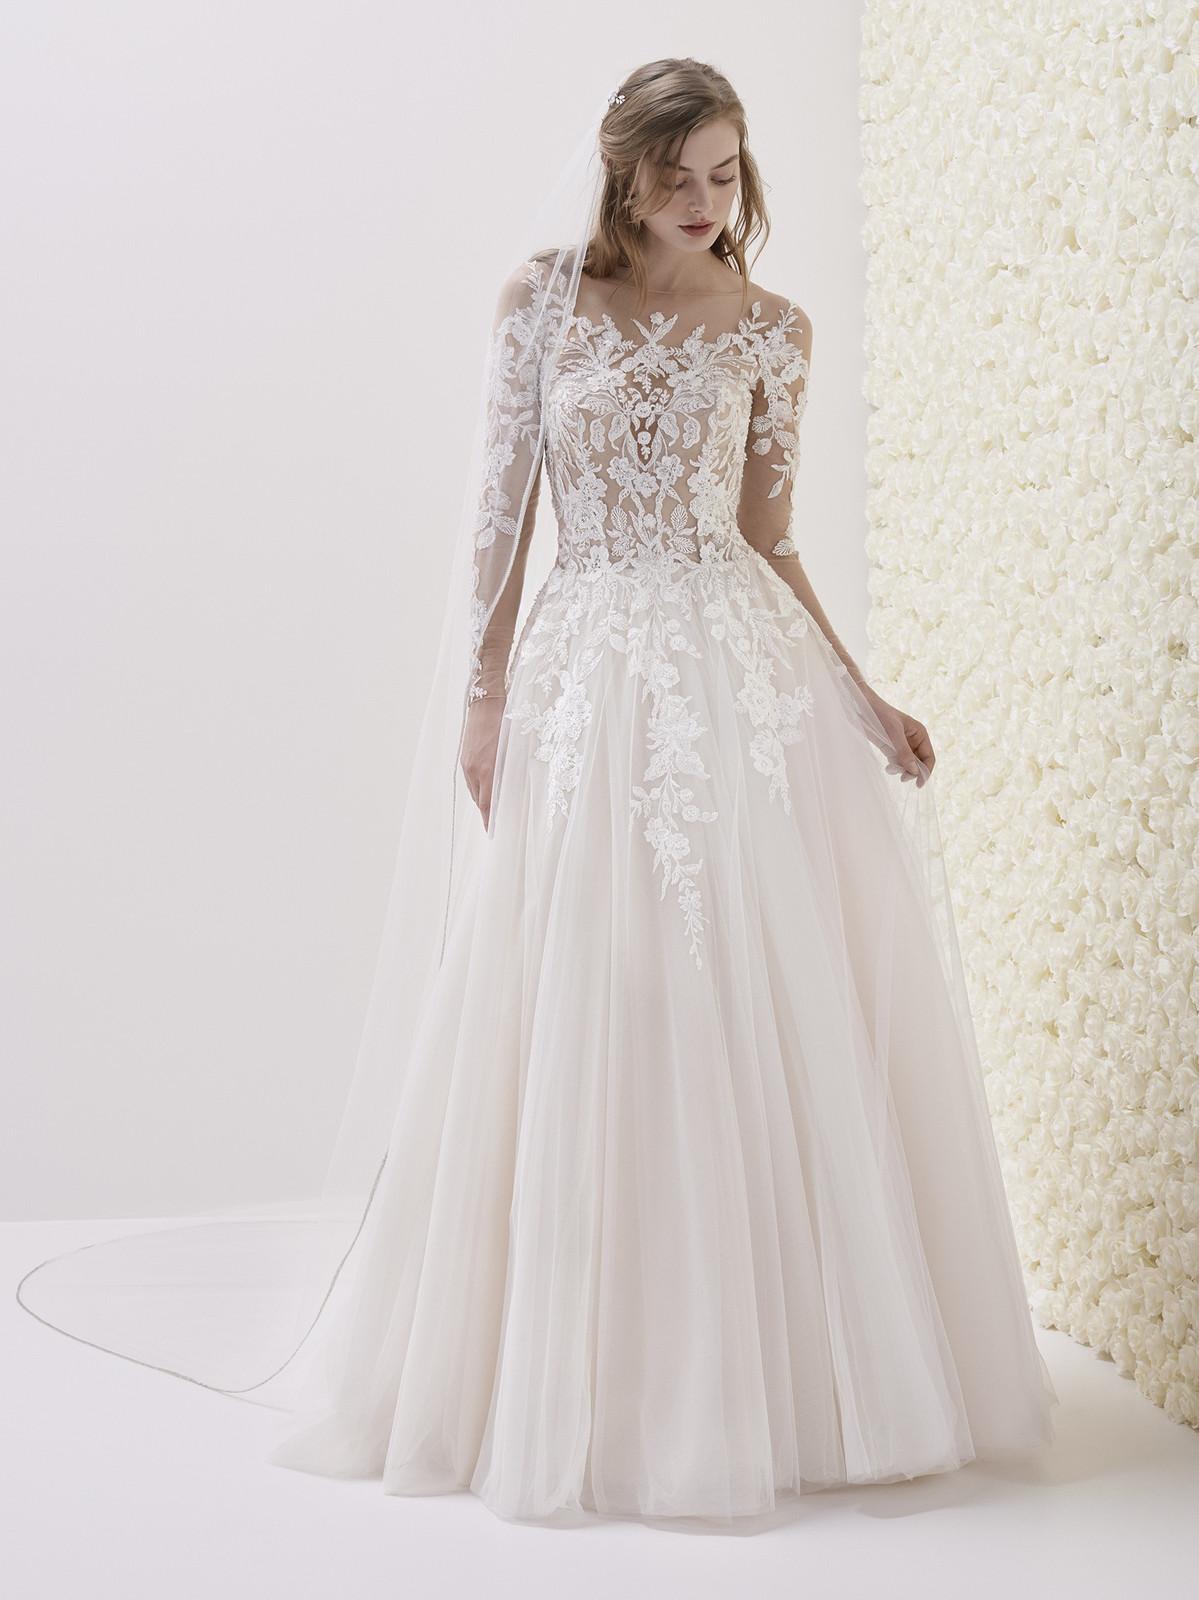 Hochzeitskleid Brautkleid Mit Spitze Karlsruhe Baden Baden Rastatt